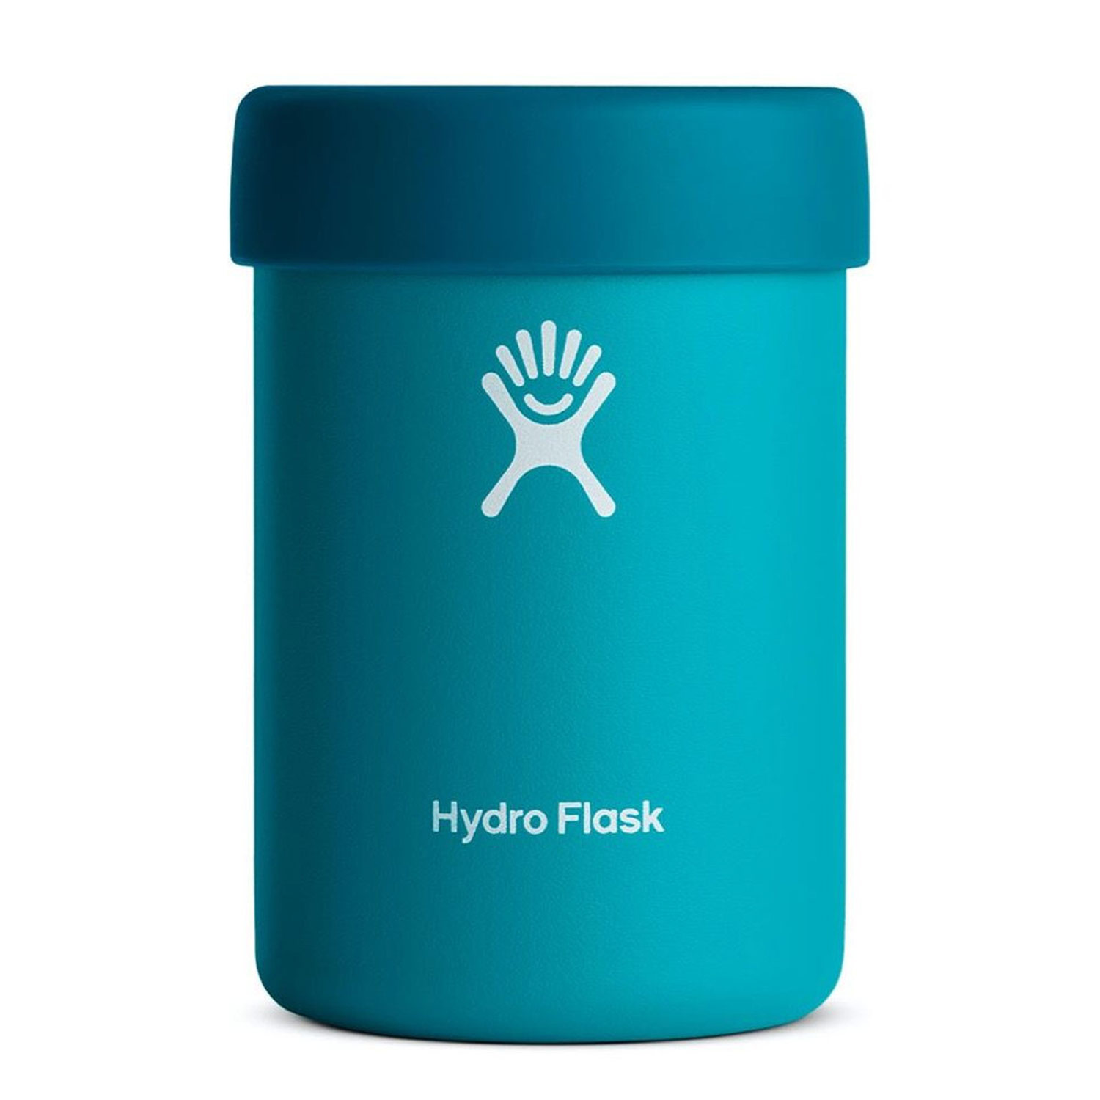 ハイドロフラスク クーラーカップ 12oz 保温 カップ  国内正規品